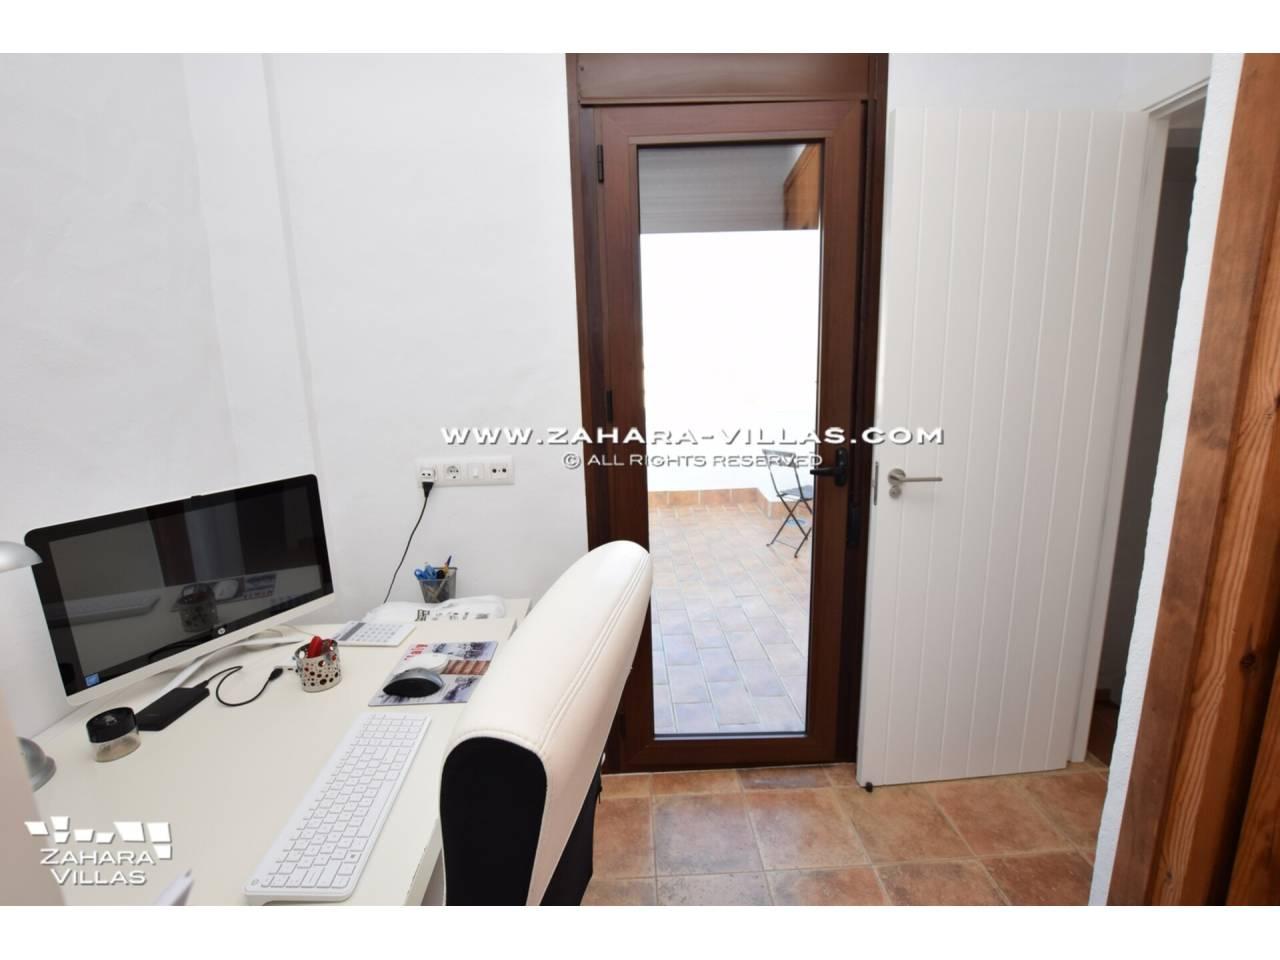 Imagen 12 de Haus zum verkauf in Zahara de los Atunes